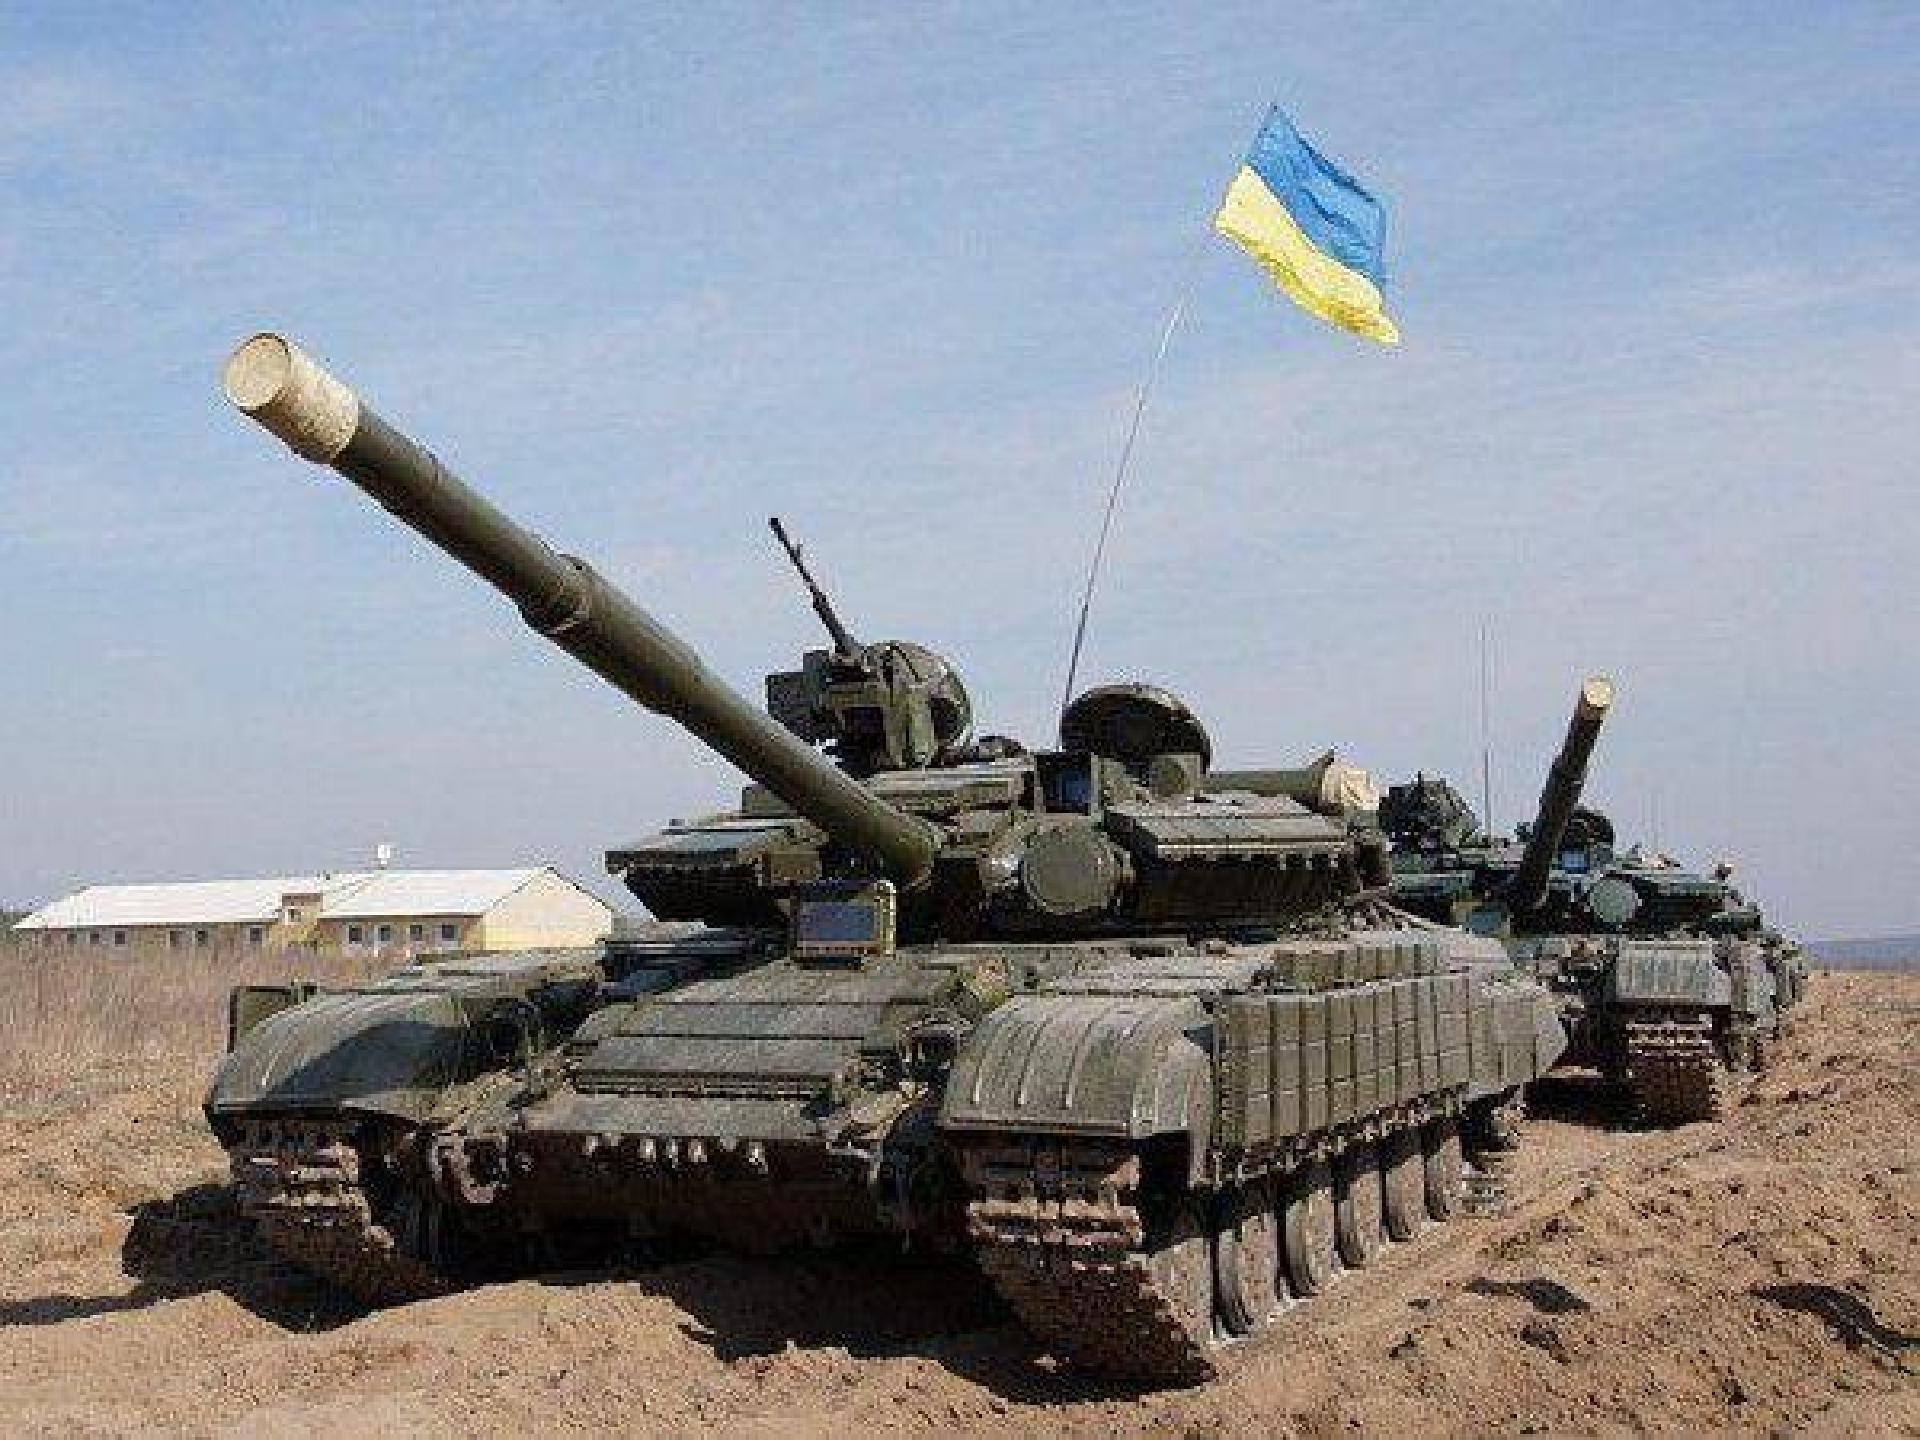 Неменее 30 тыс. взрывов всколыхнули Донбасс— СММ ОБСЕ